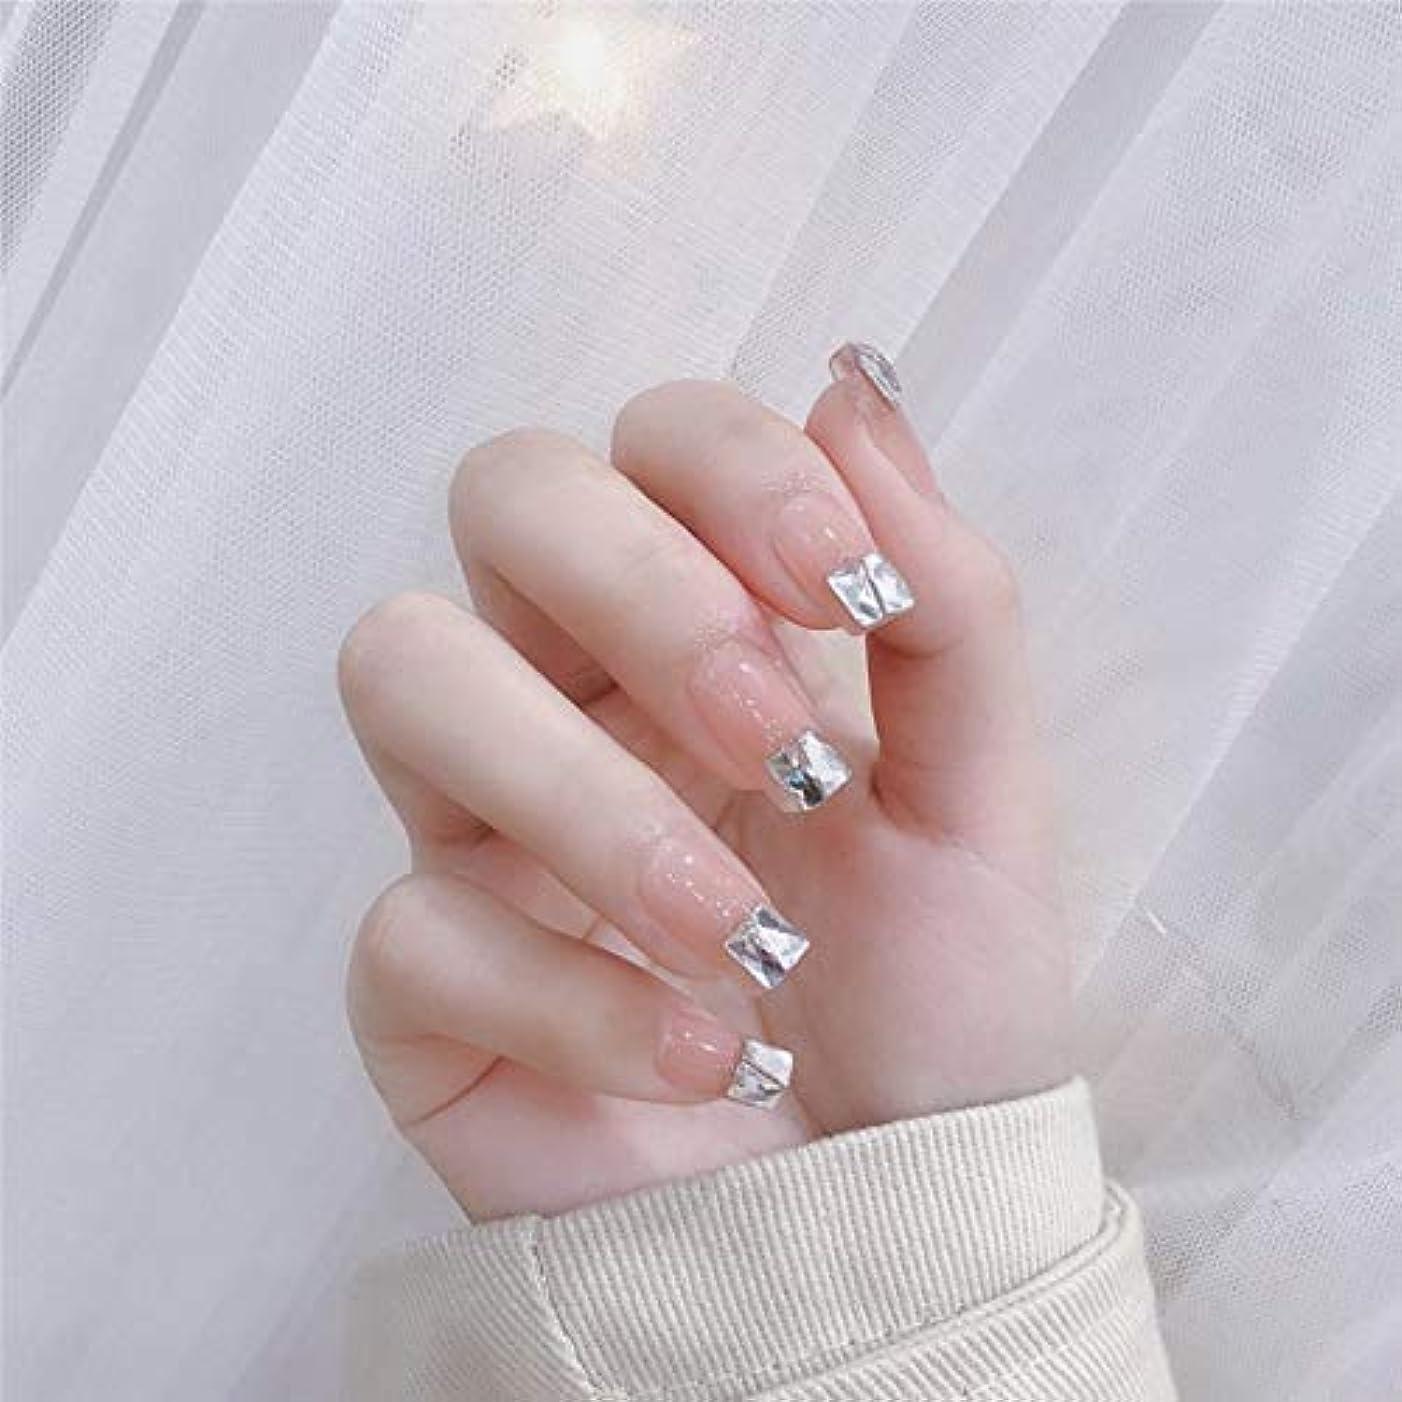 志すラショナル一貫した流行のスタイル 台形 きらめくダイヤモンド 桜の色 手作りネイルチップ 3Dネイルチップ 24枚入